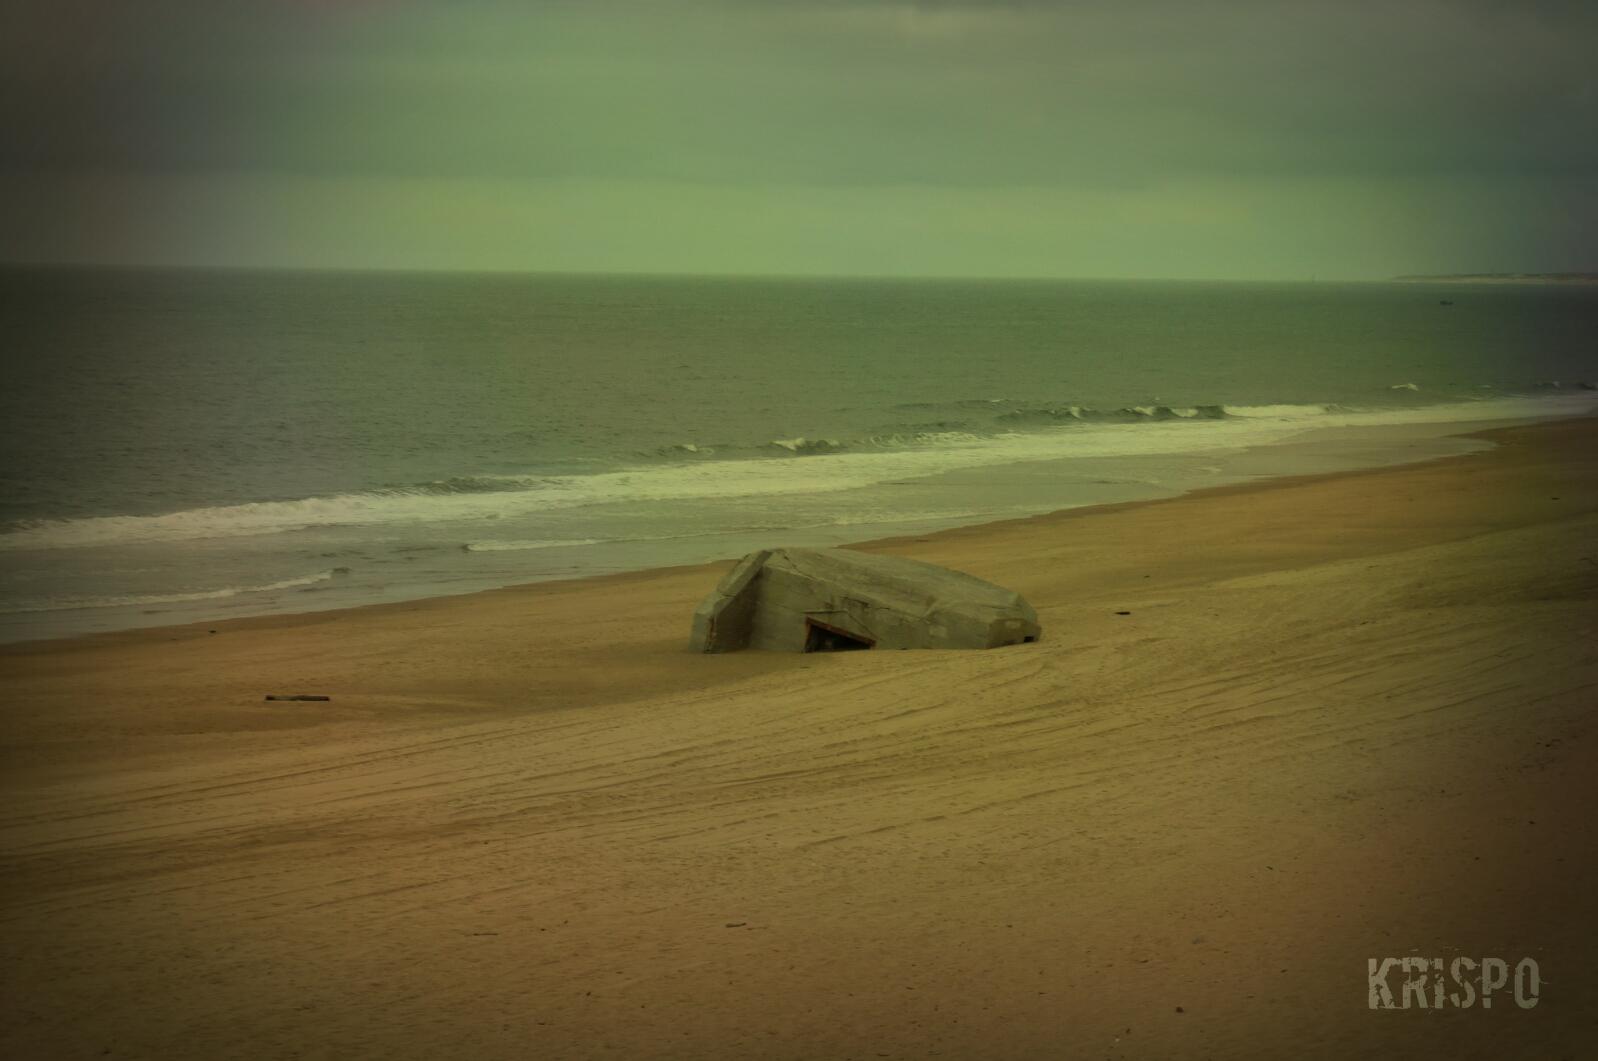 plano general de bunker semienterrado en playa de las landas